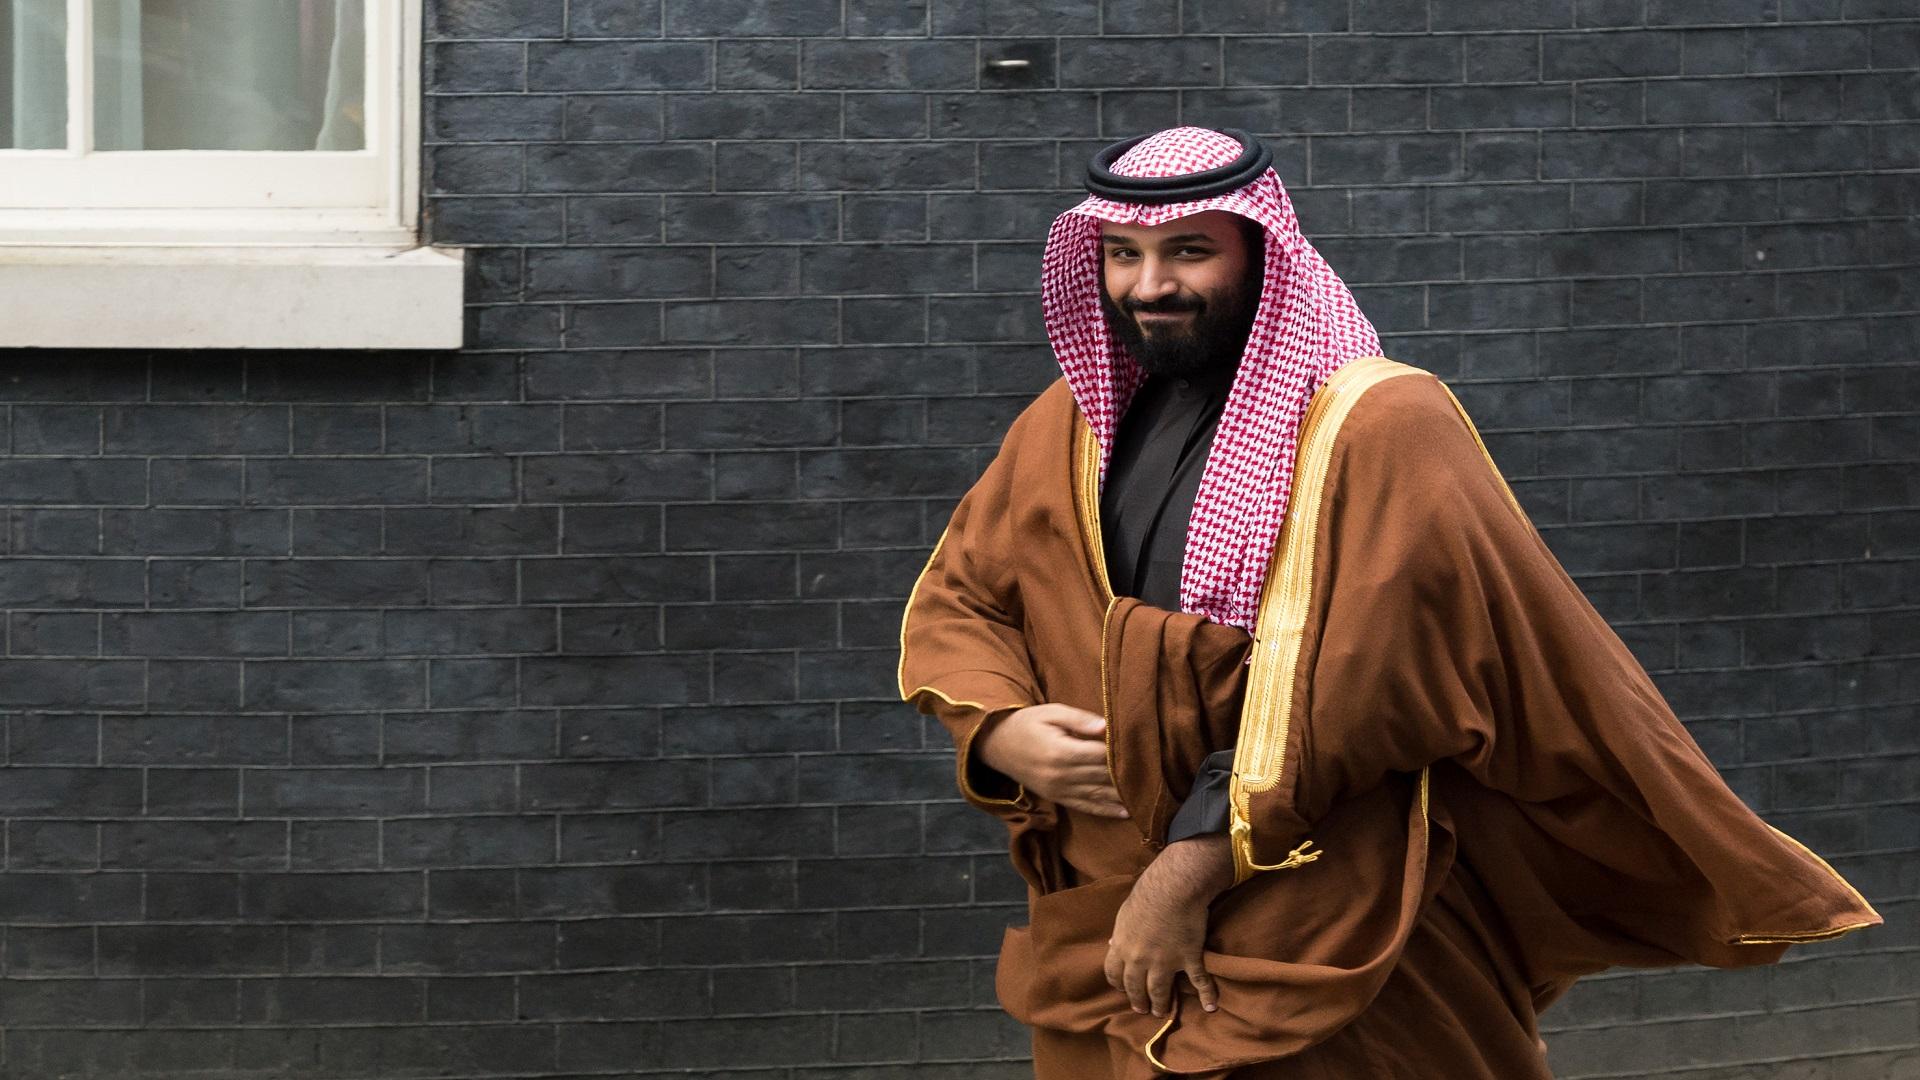 محمد بن سلمان عامان من الخراب